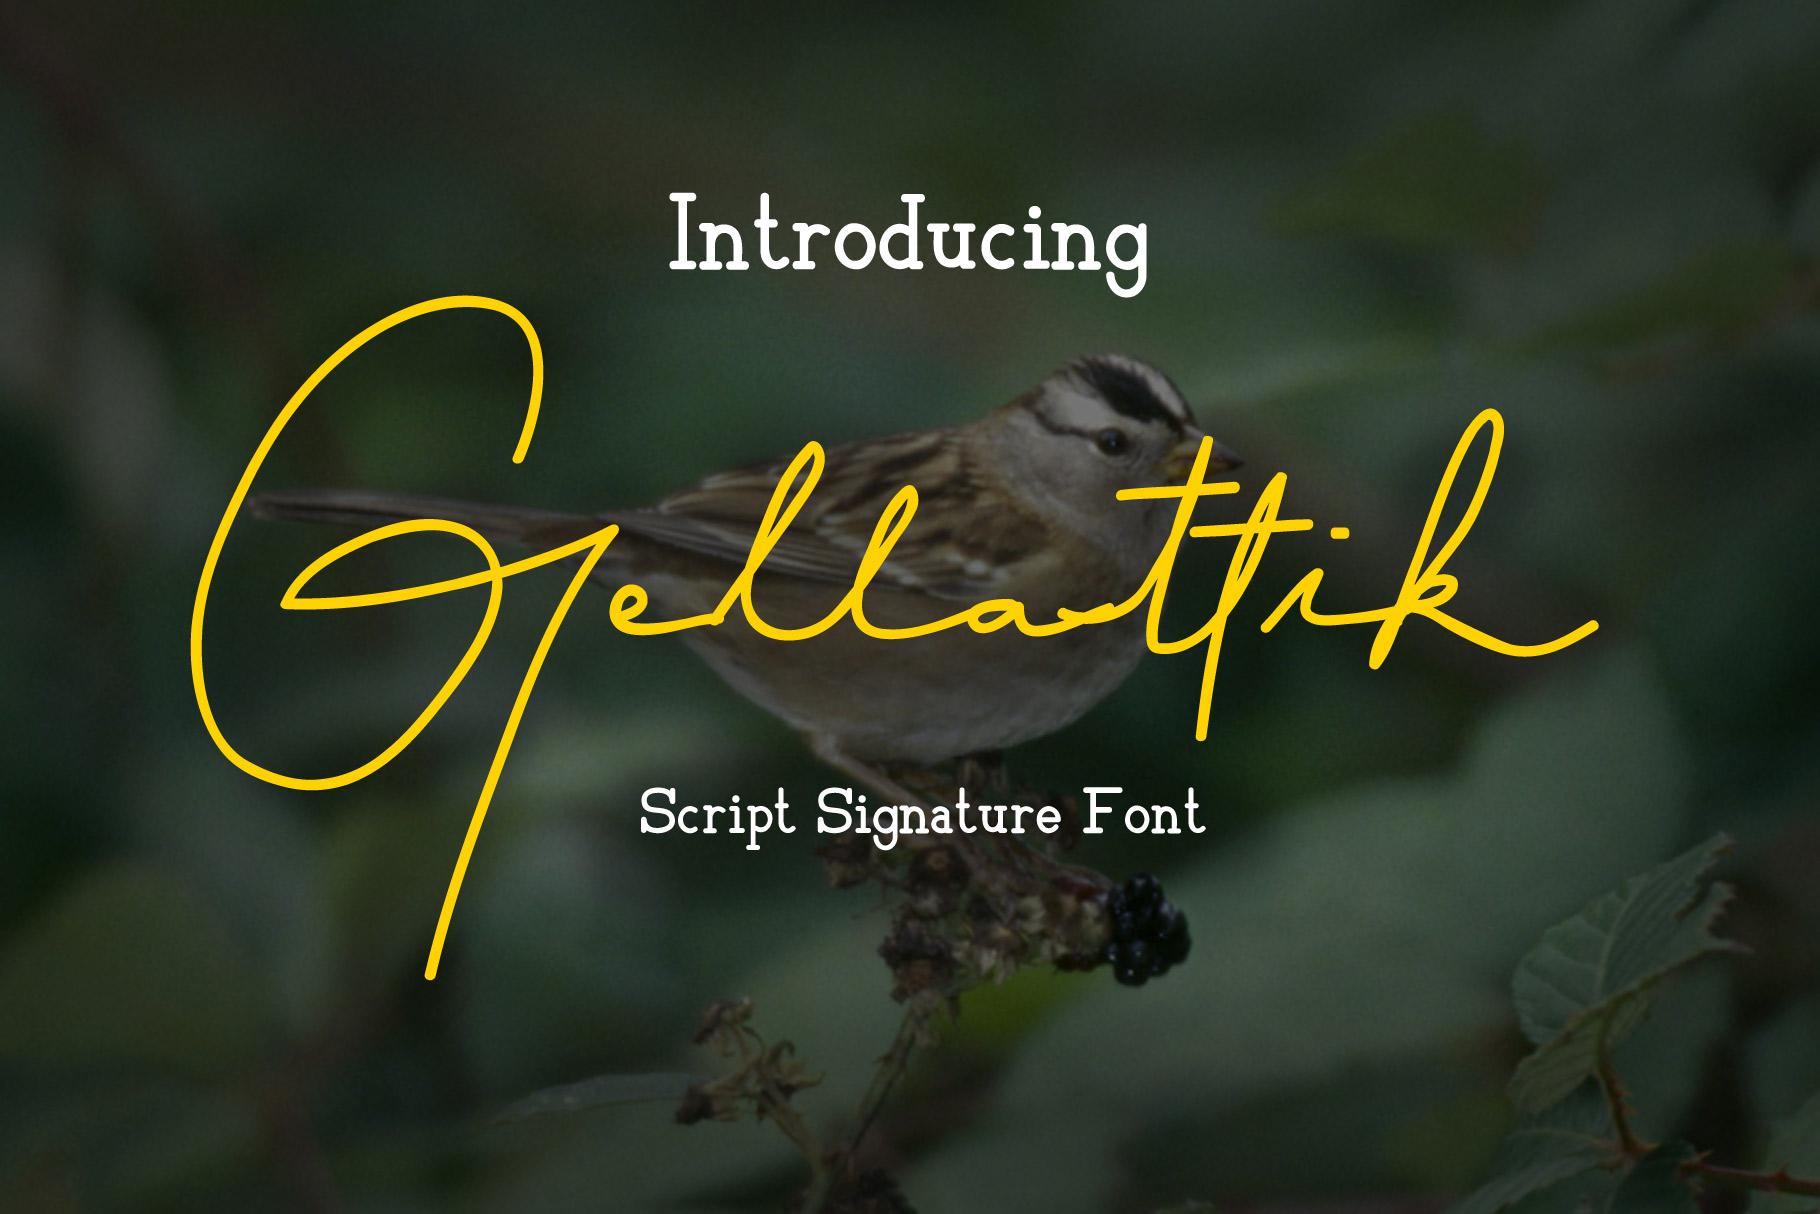 Gellattik - Script Signature Font example image 1